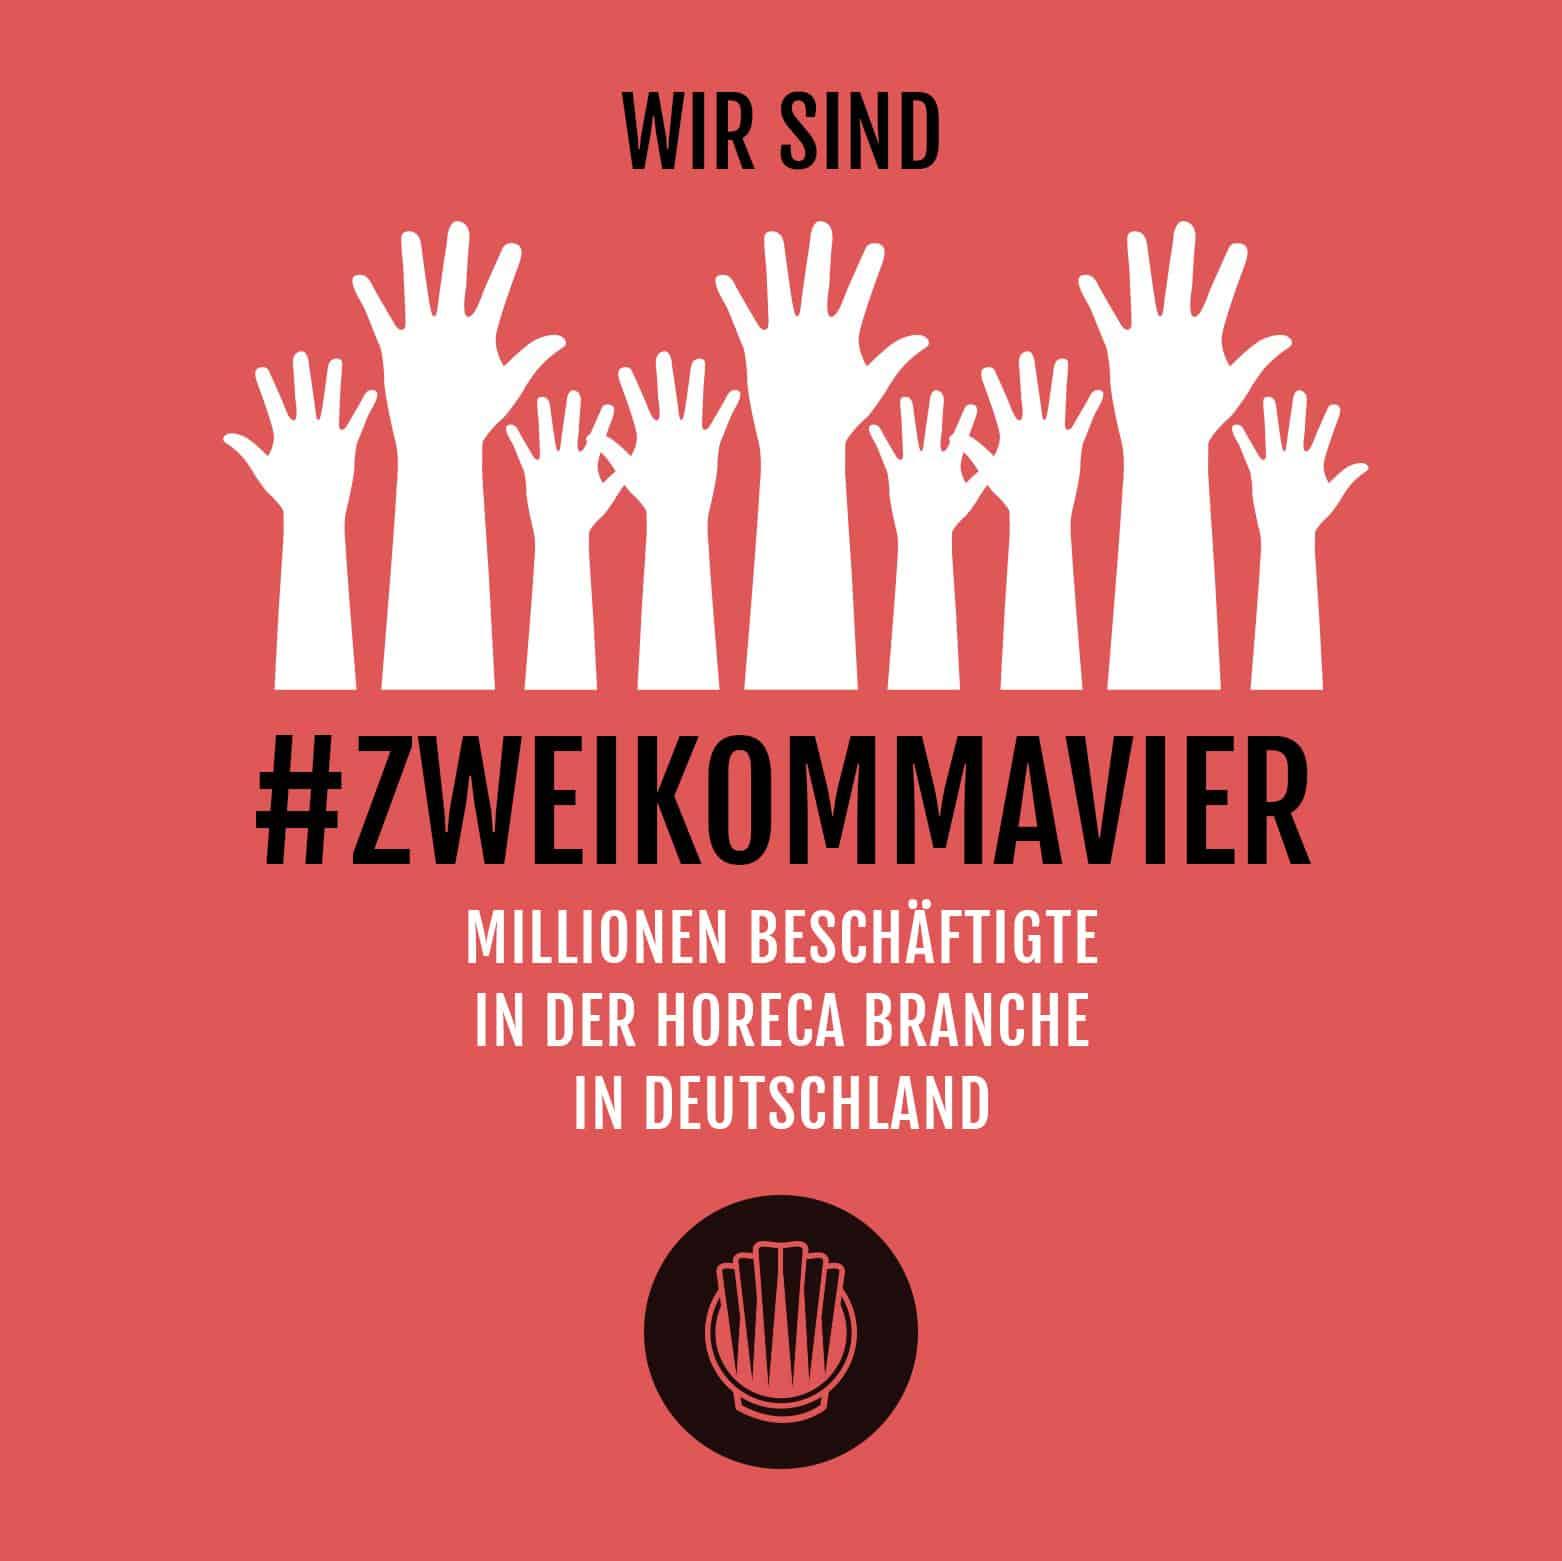 zweikommavier2020 - interviews-portraits, management, gastronomie Das Coronavirus und die Gastronomie: der nomyblog-Ticker